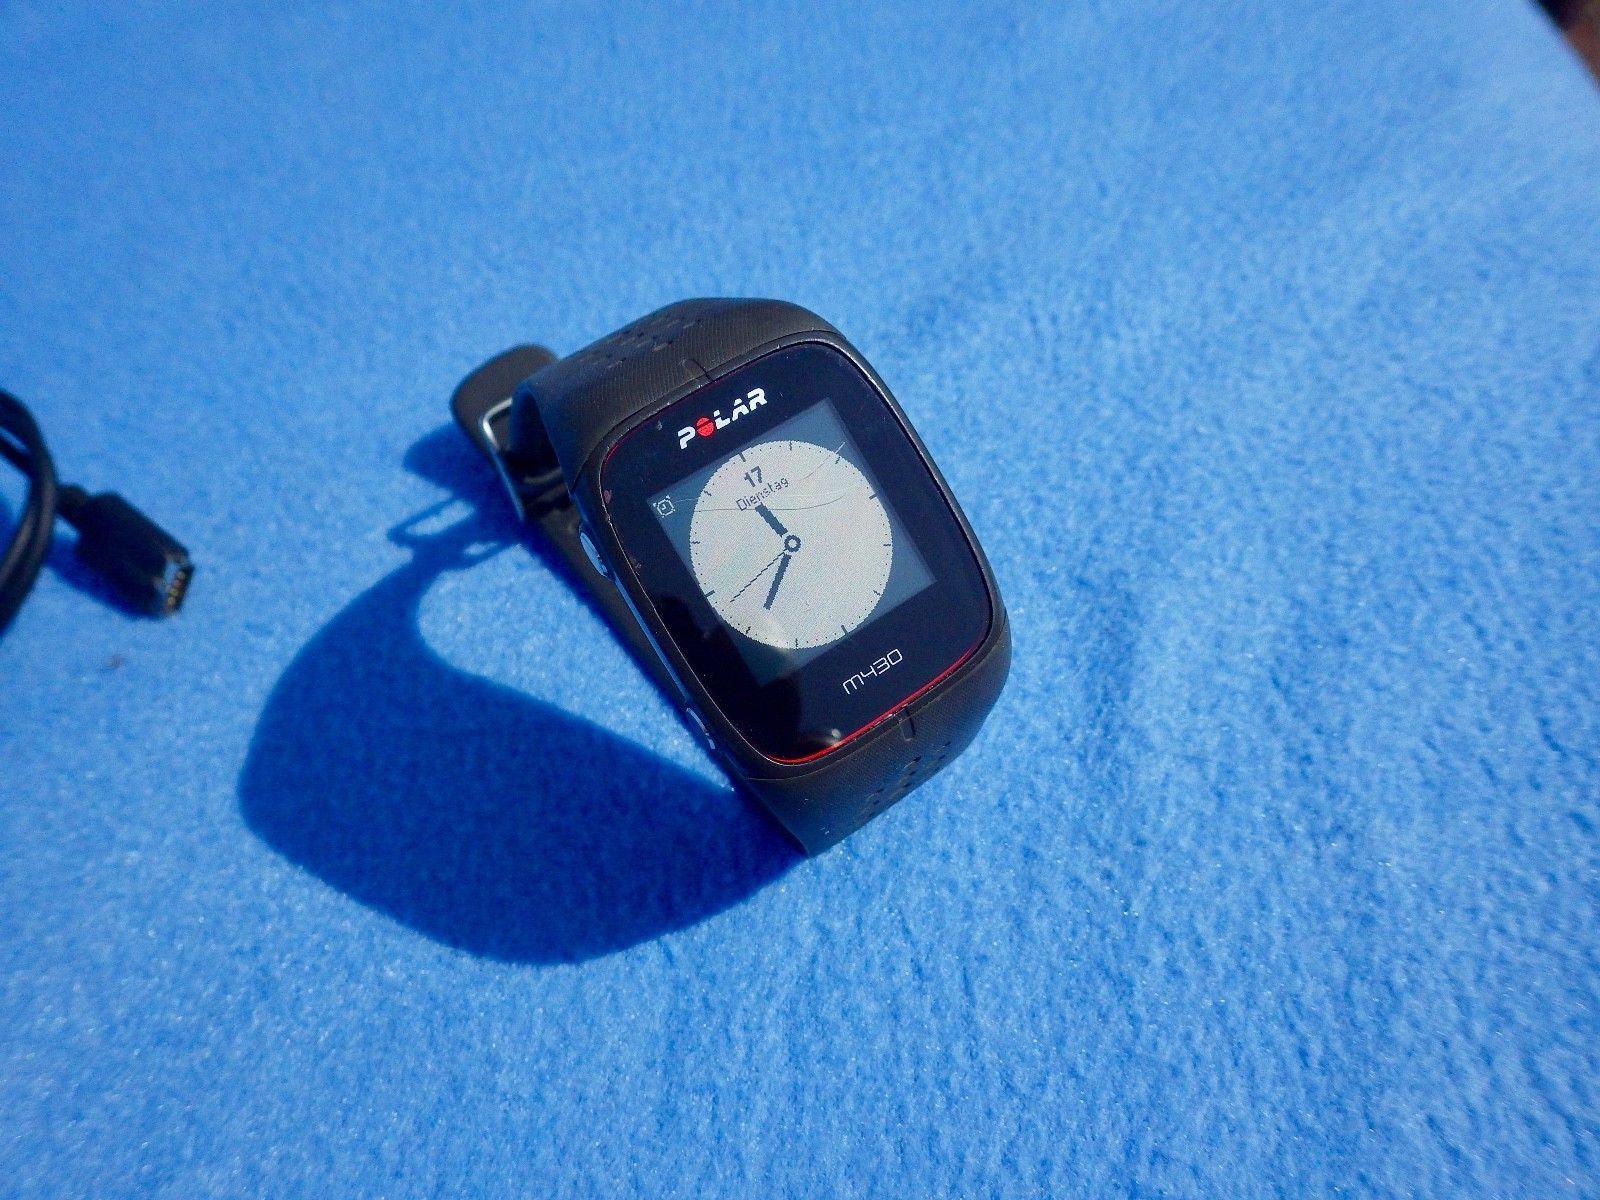 Polar M430 GPS Laufuhr Trainingscomputer Herzfrequenz OHNE Brustgurt 9 Mon. alt